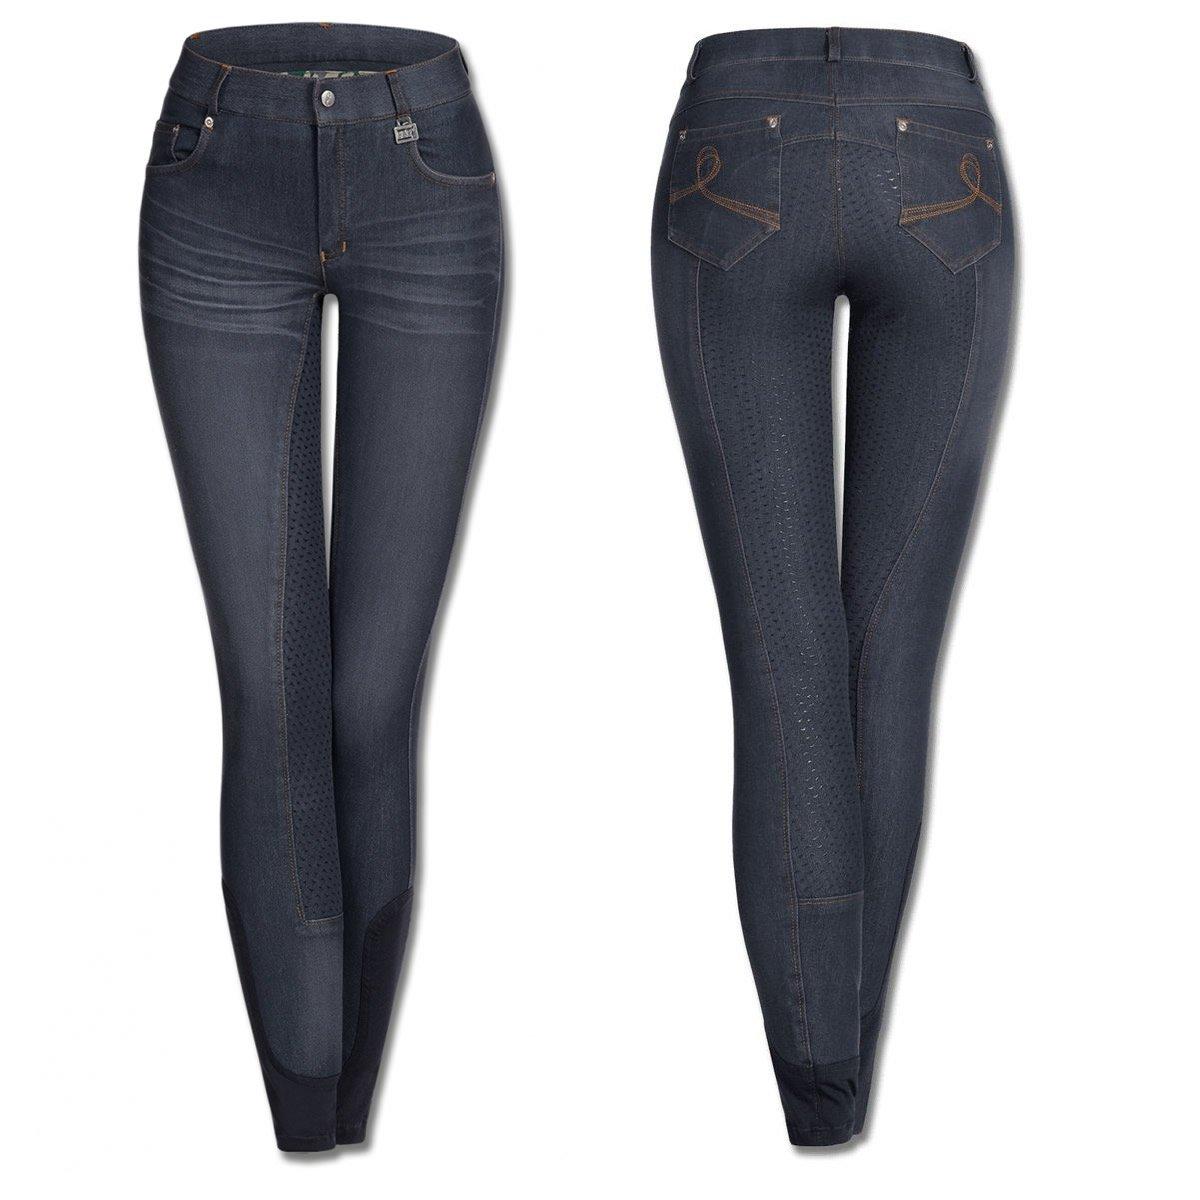 Waldhausen Elt–Pantaloni jeans da equitazione Hope, blu notte W-CU-32133LA